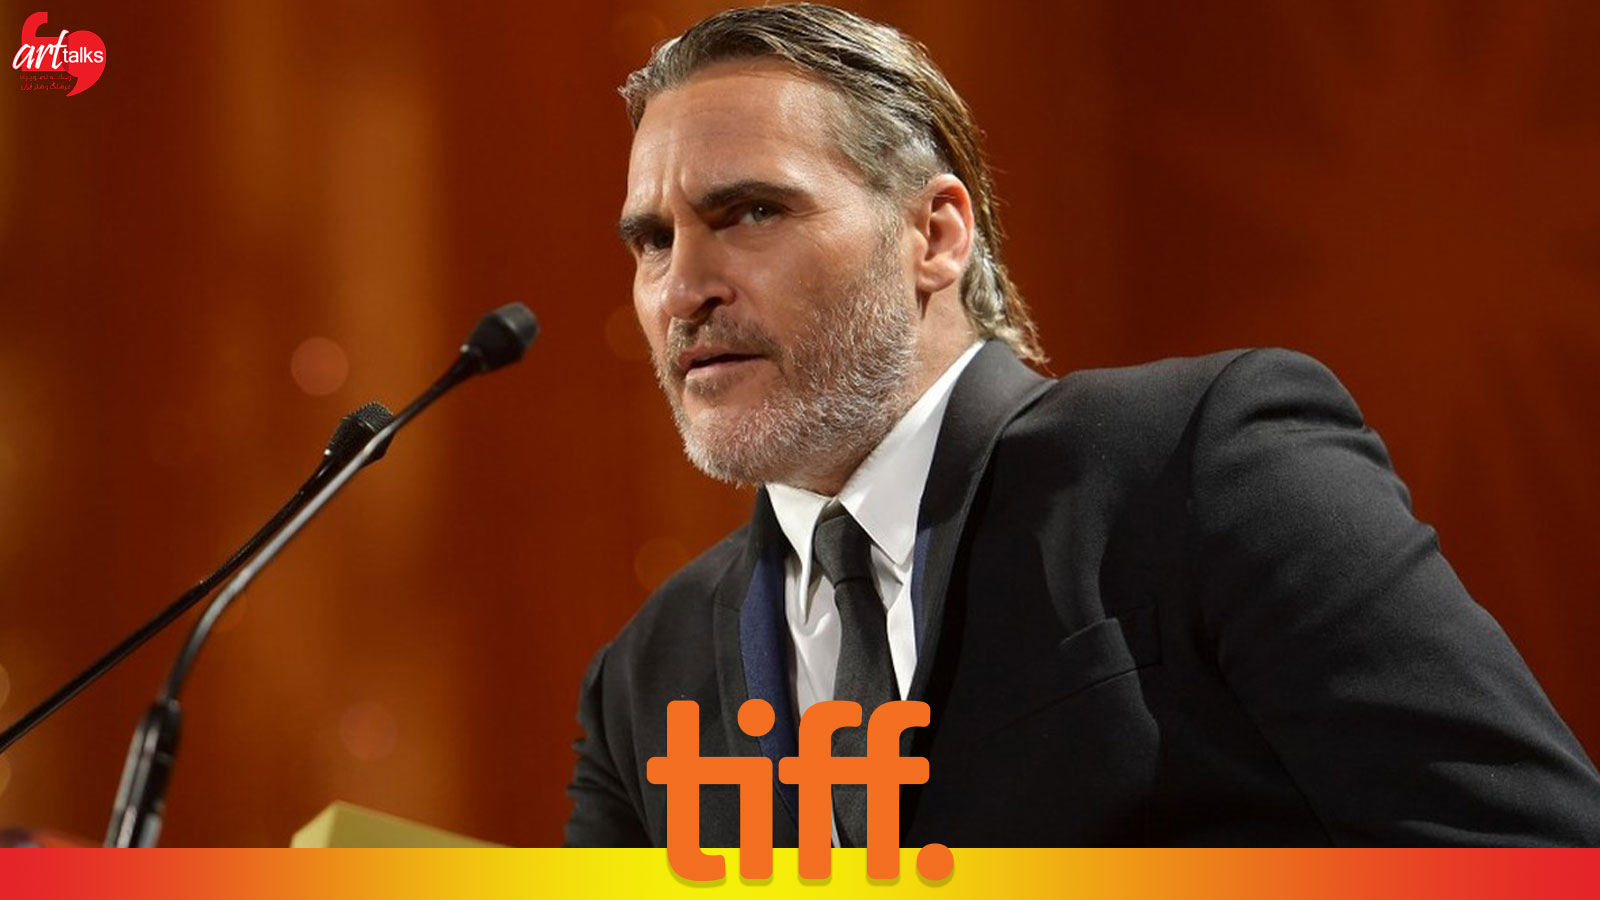 واکین فینیکس در جشنواره فیلم تورنتو